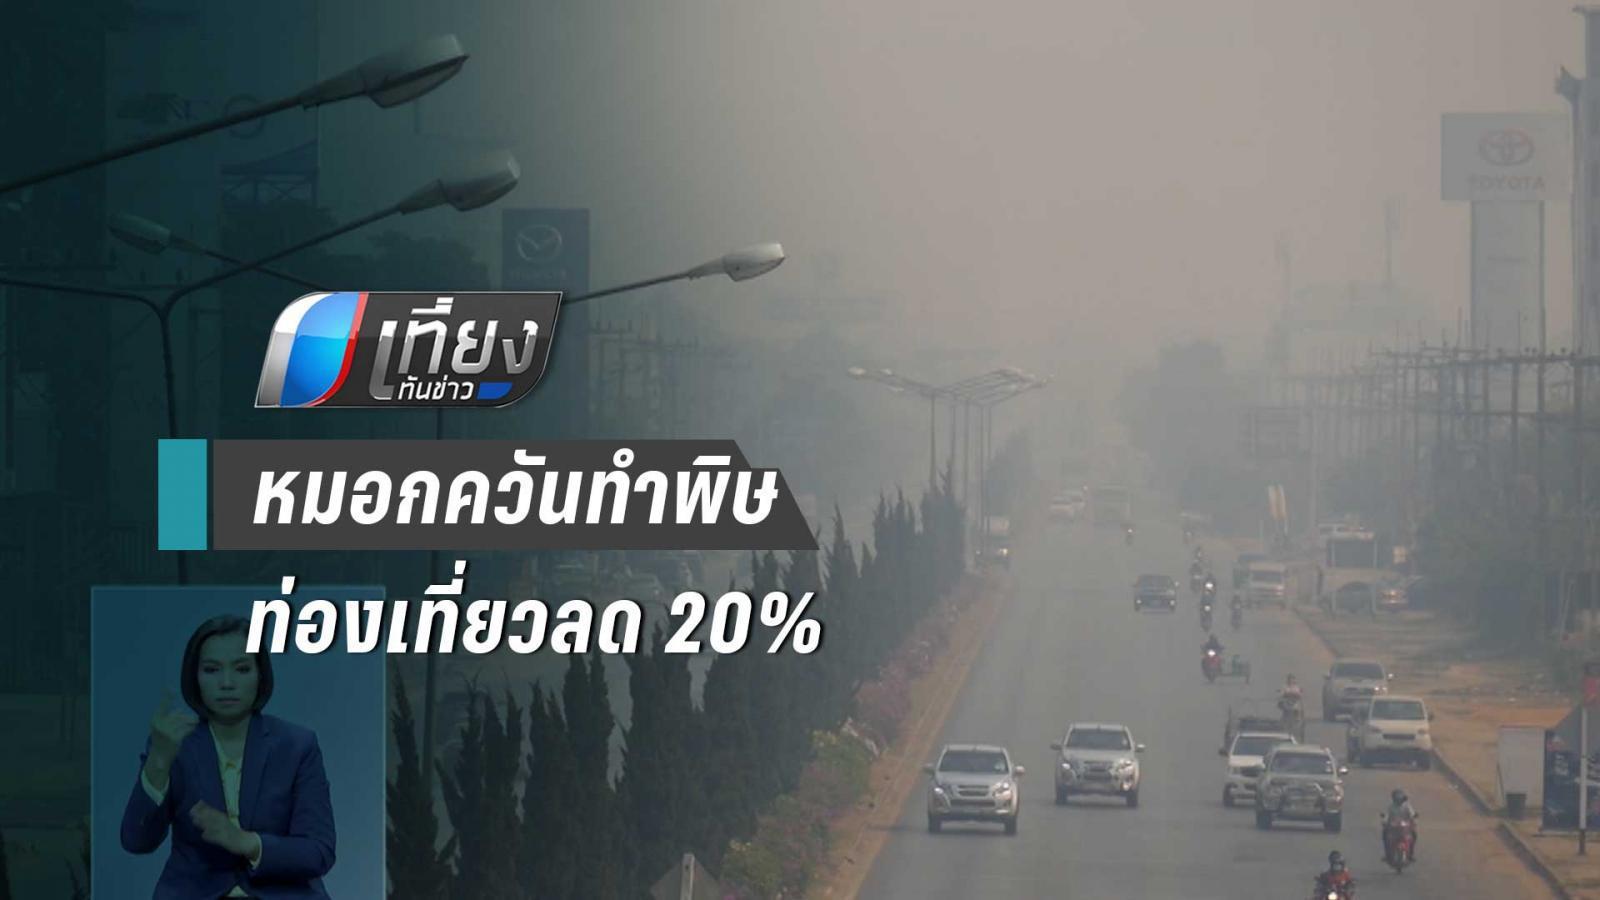 หมอกควันทำพิษ เชียงรายท่องเที่ยวลดลง 20% คาดลามถึงสงกรานต์